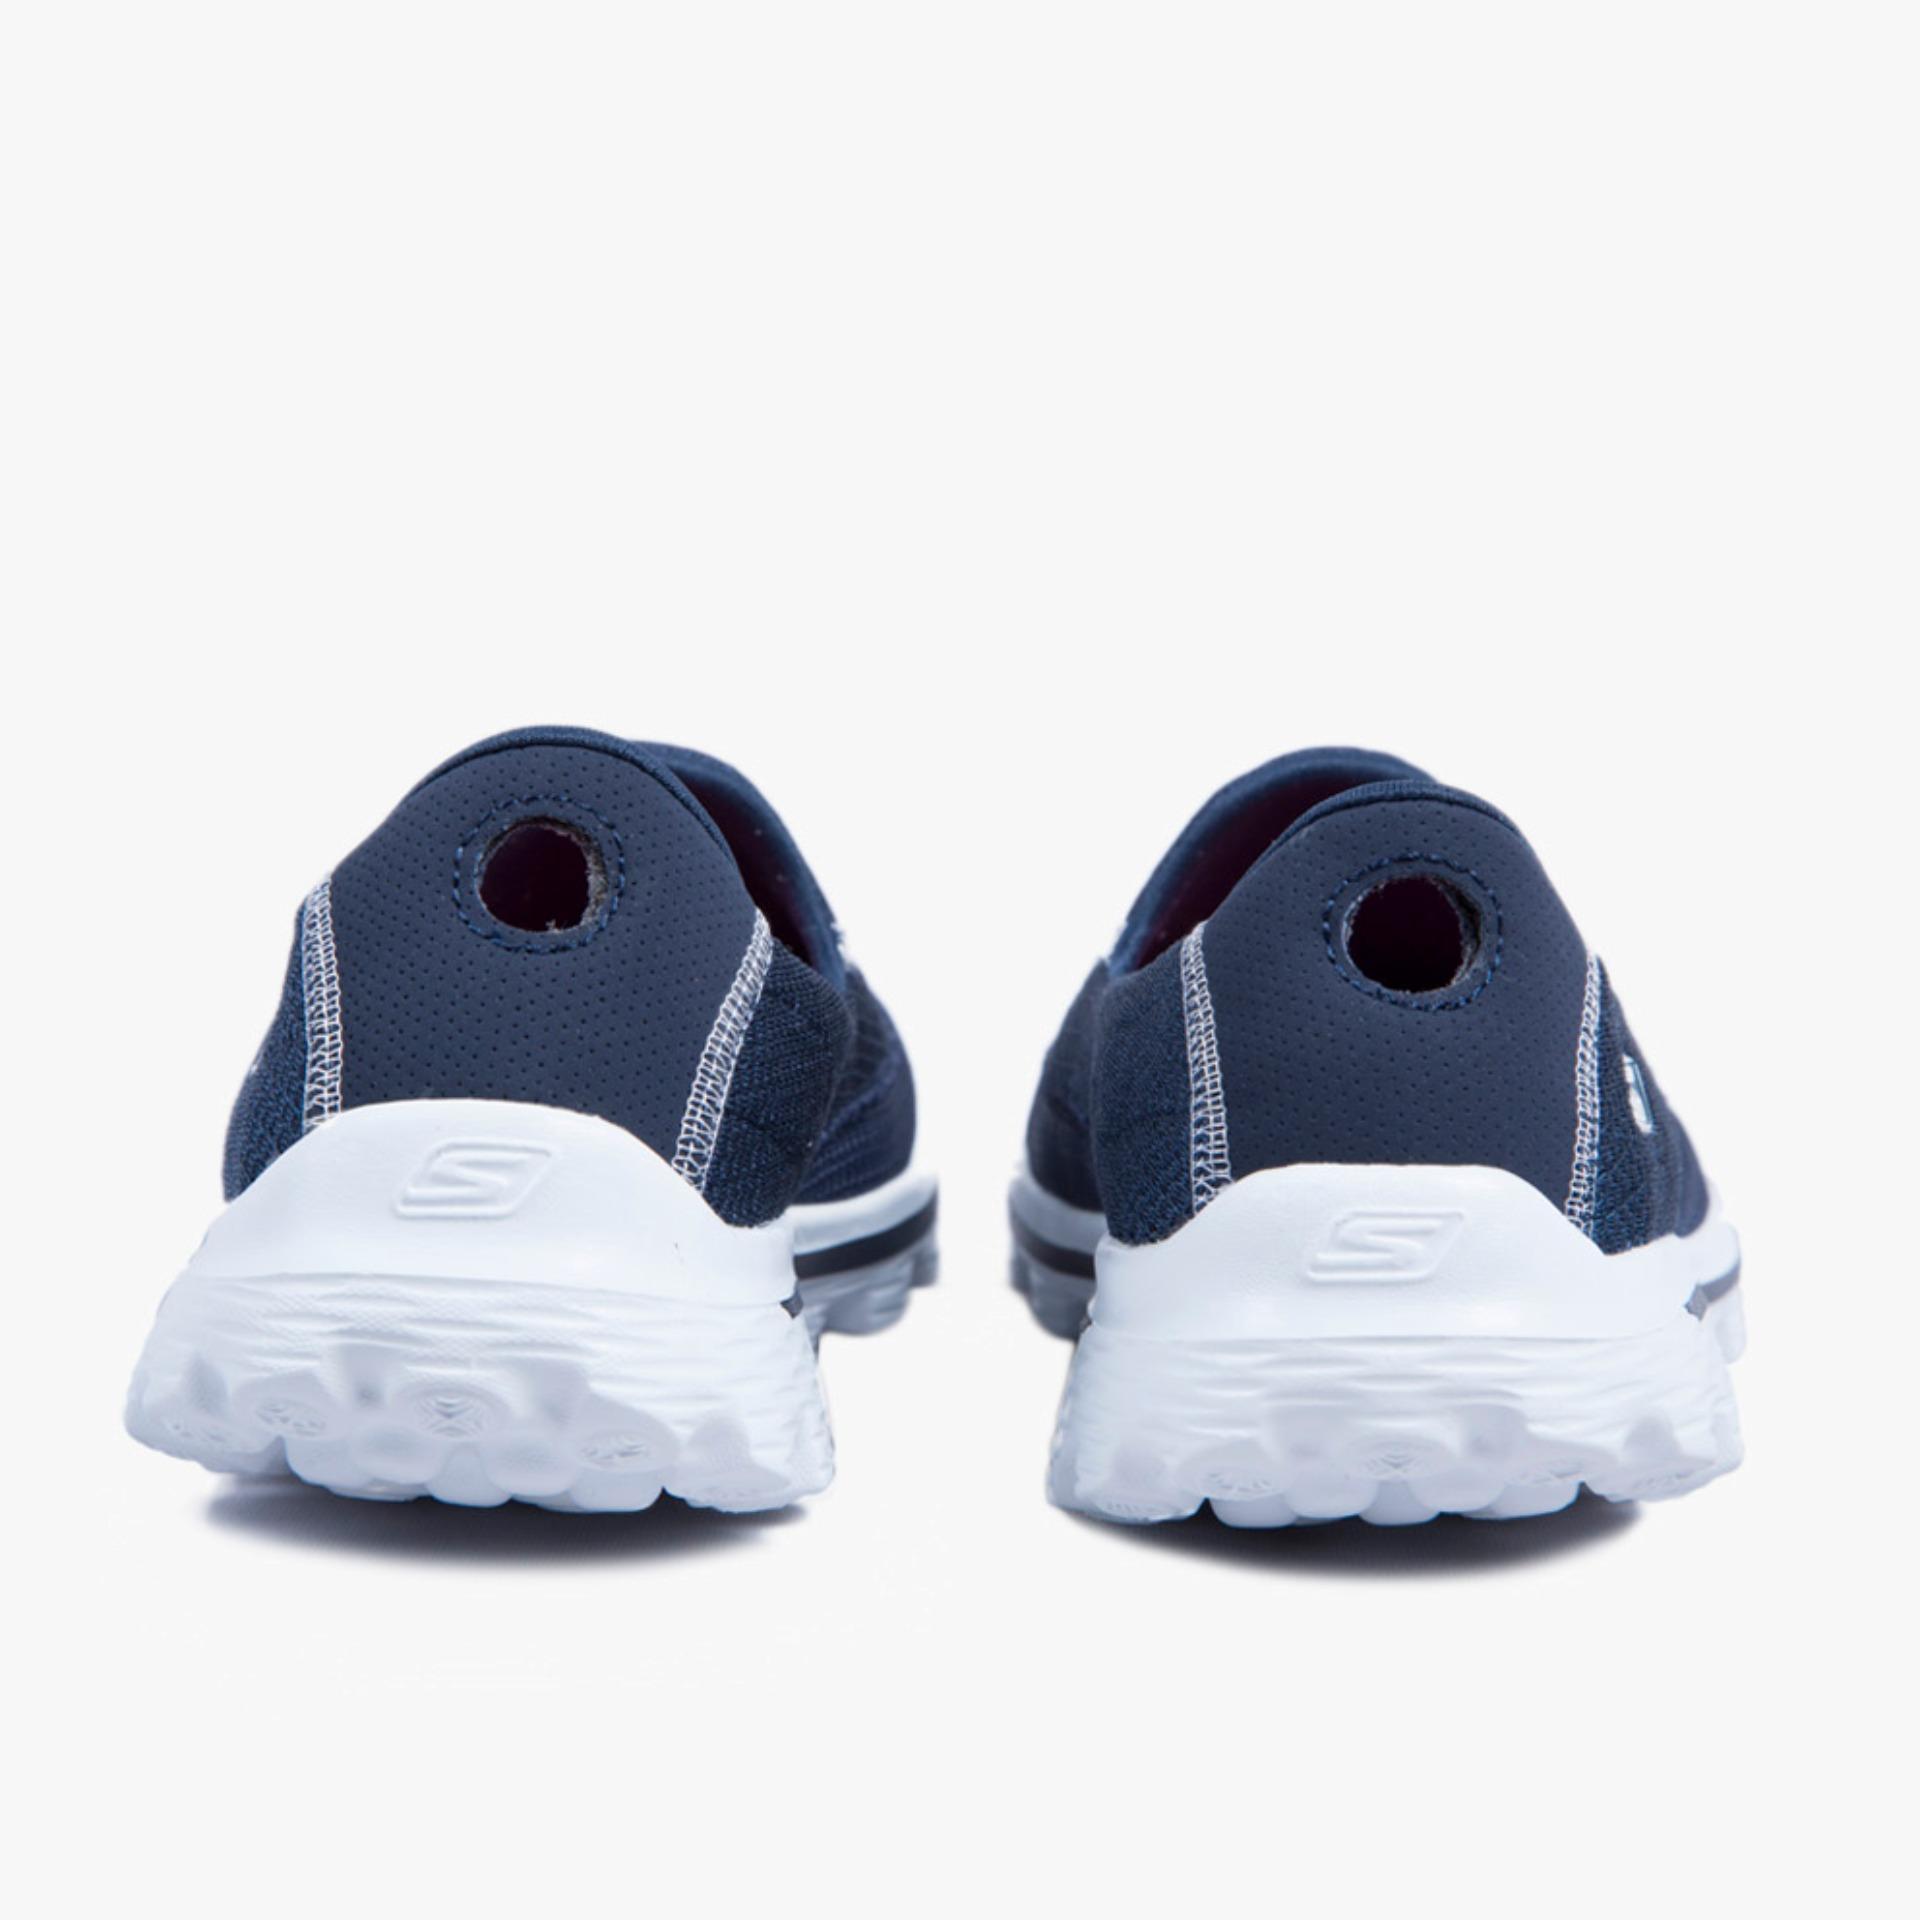 Skechers Gowalk 2 Mens Sneakers Hitam - Info Daftar Harga Terbaru ... e5ccabe951